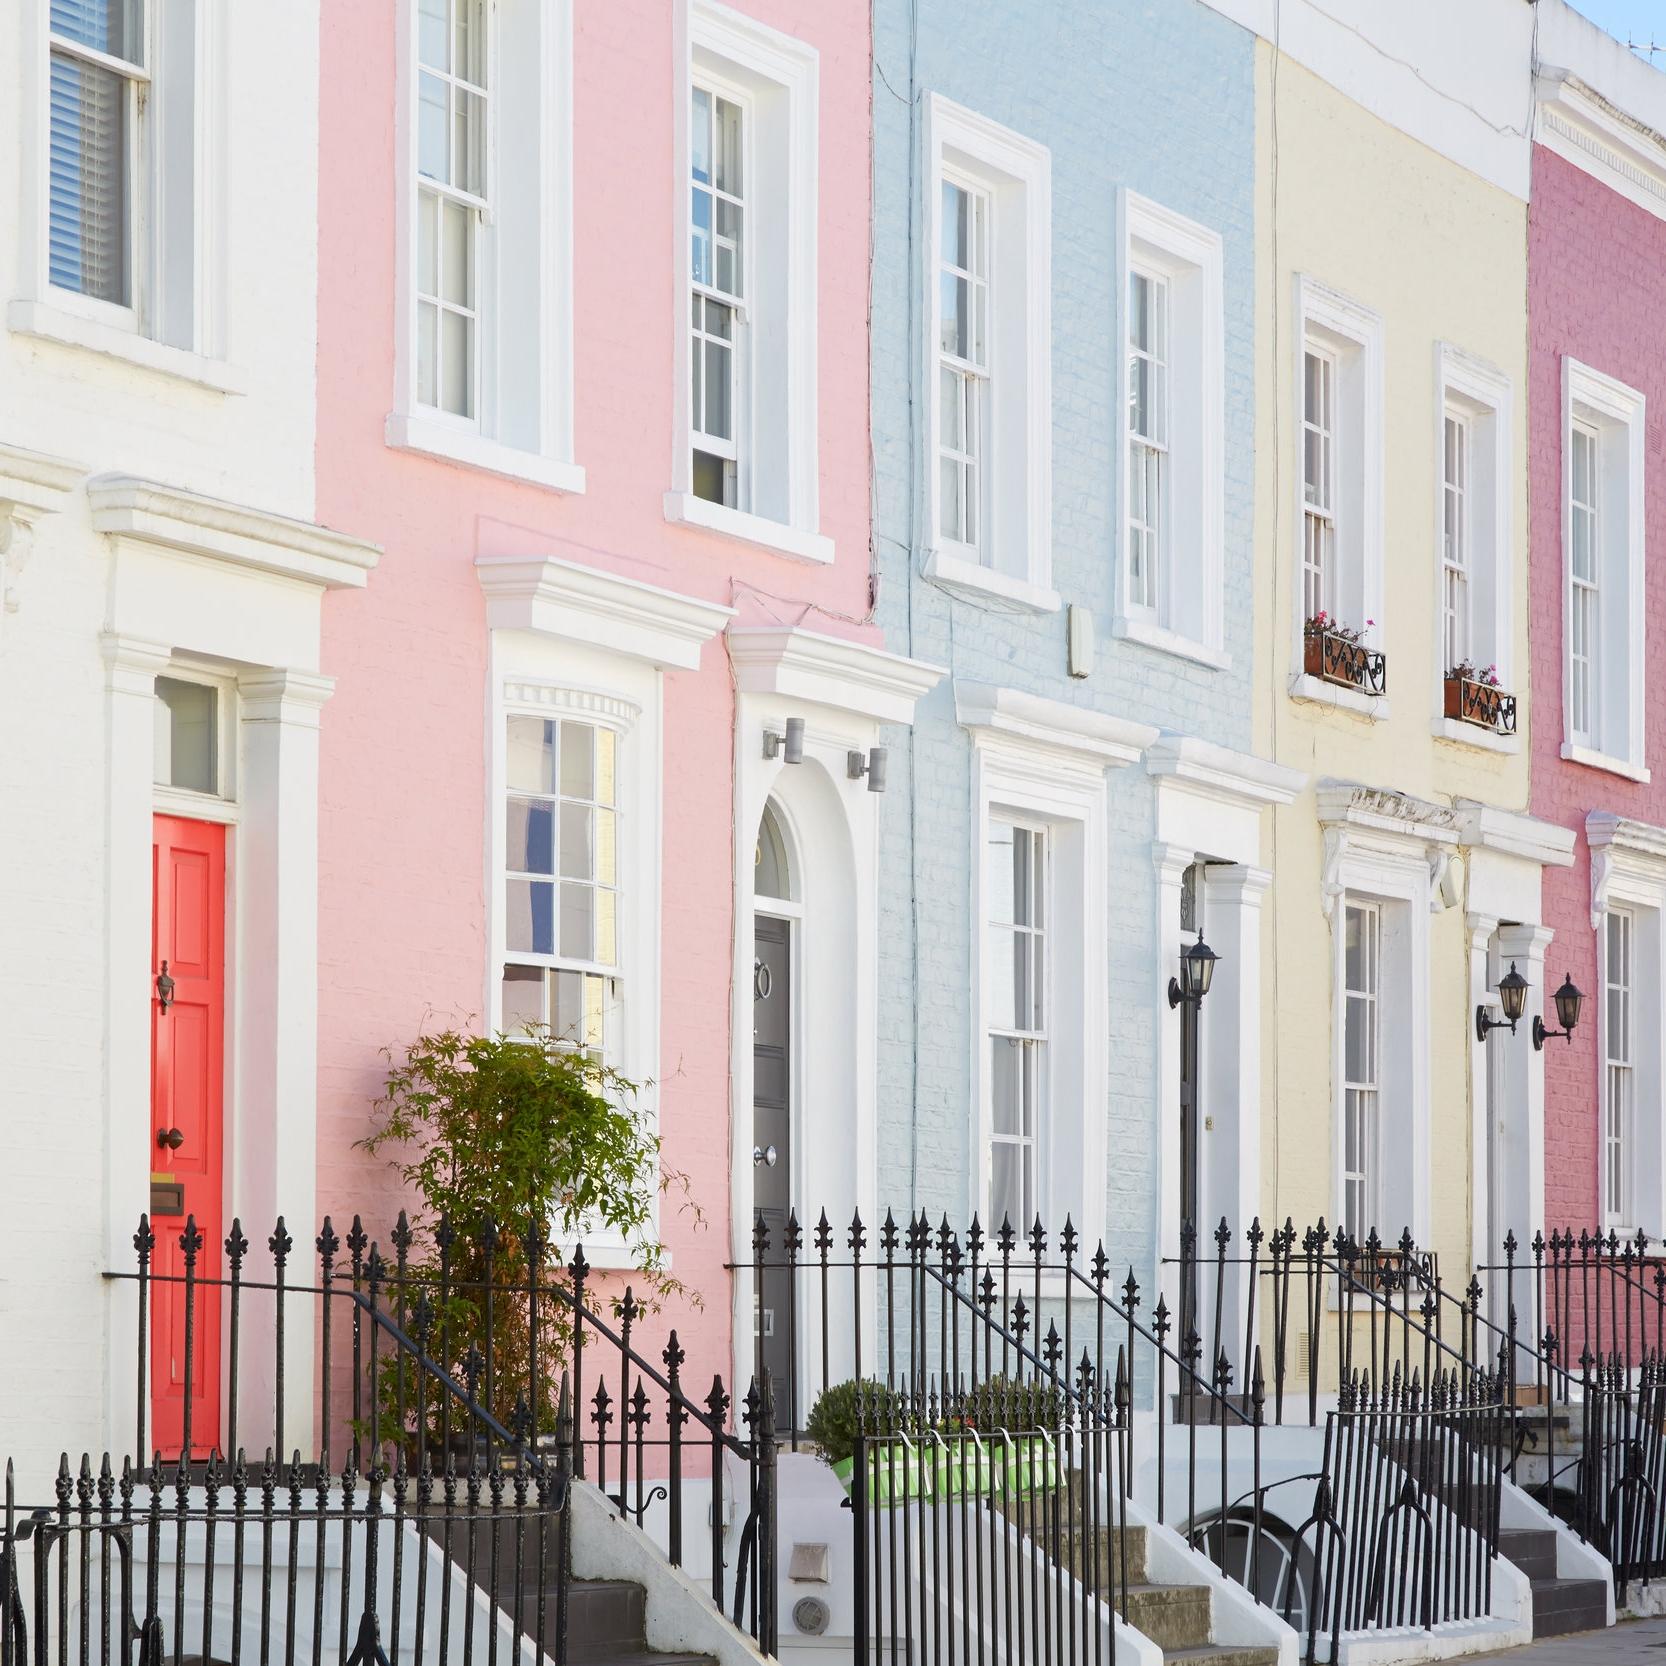 Harvey Property Notting Hill